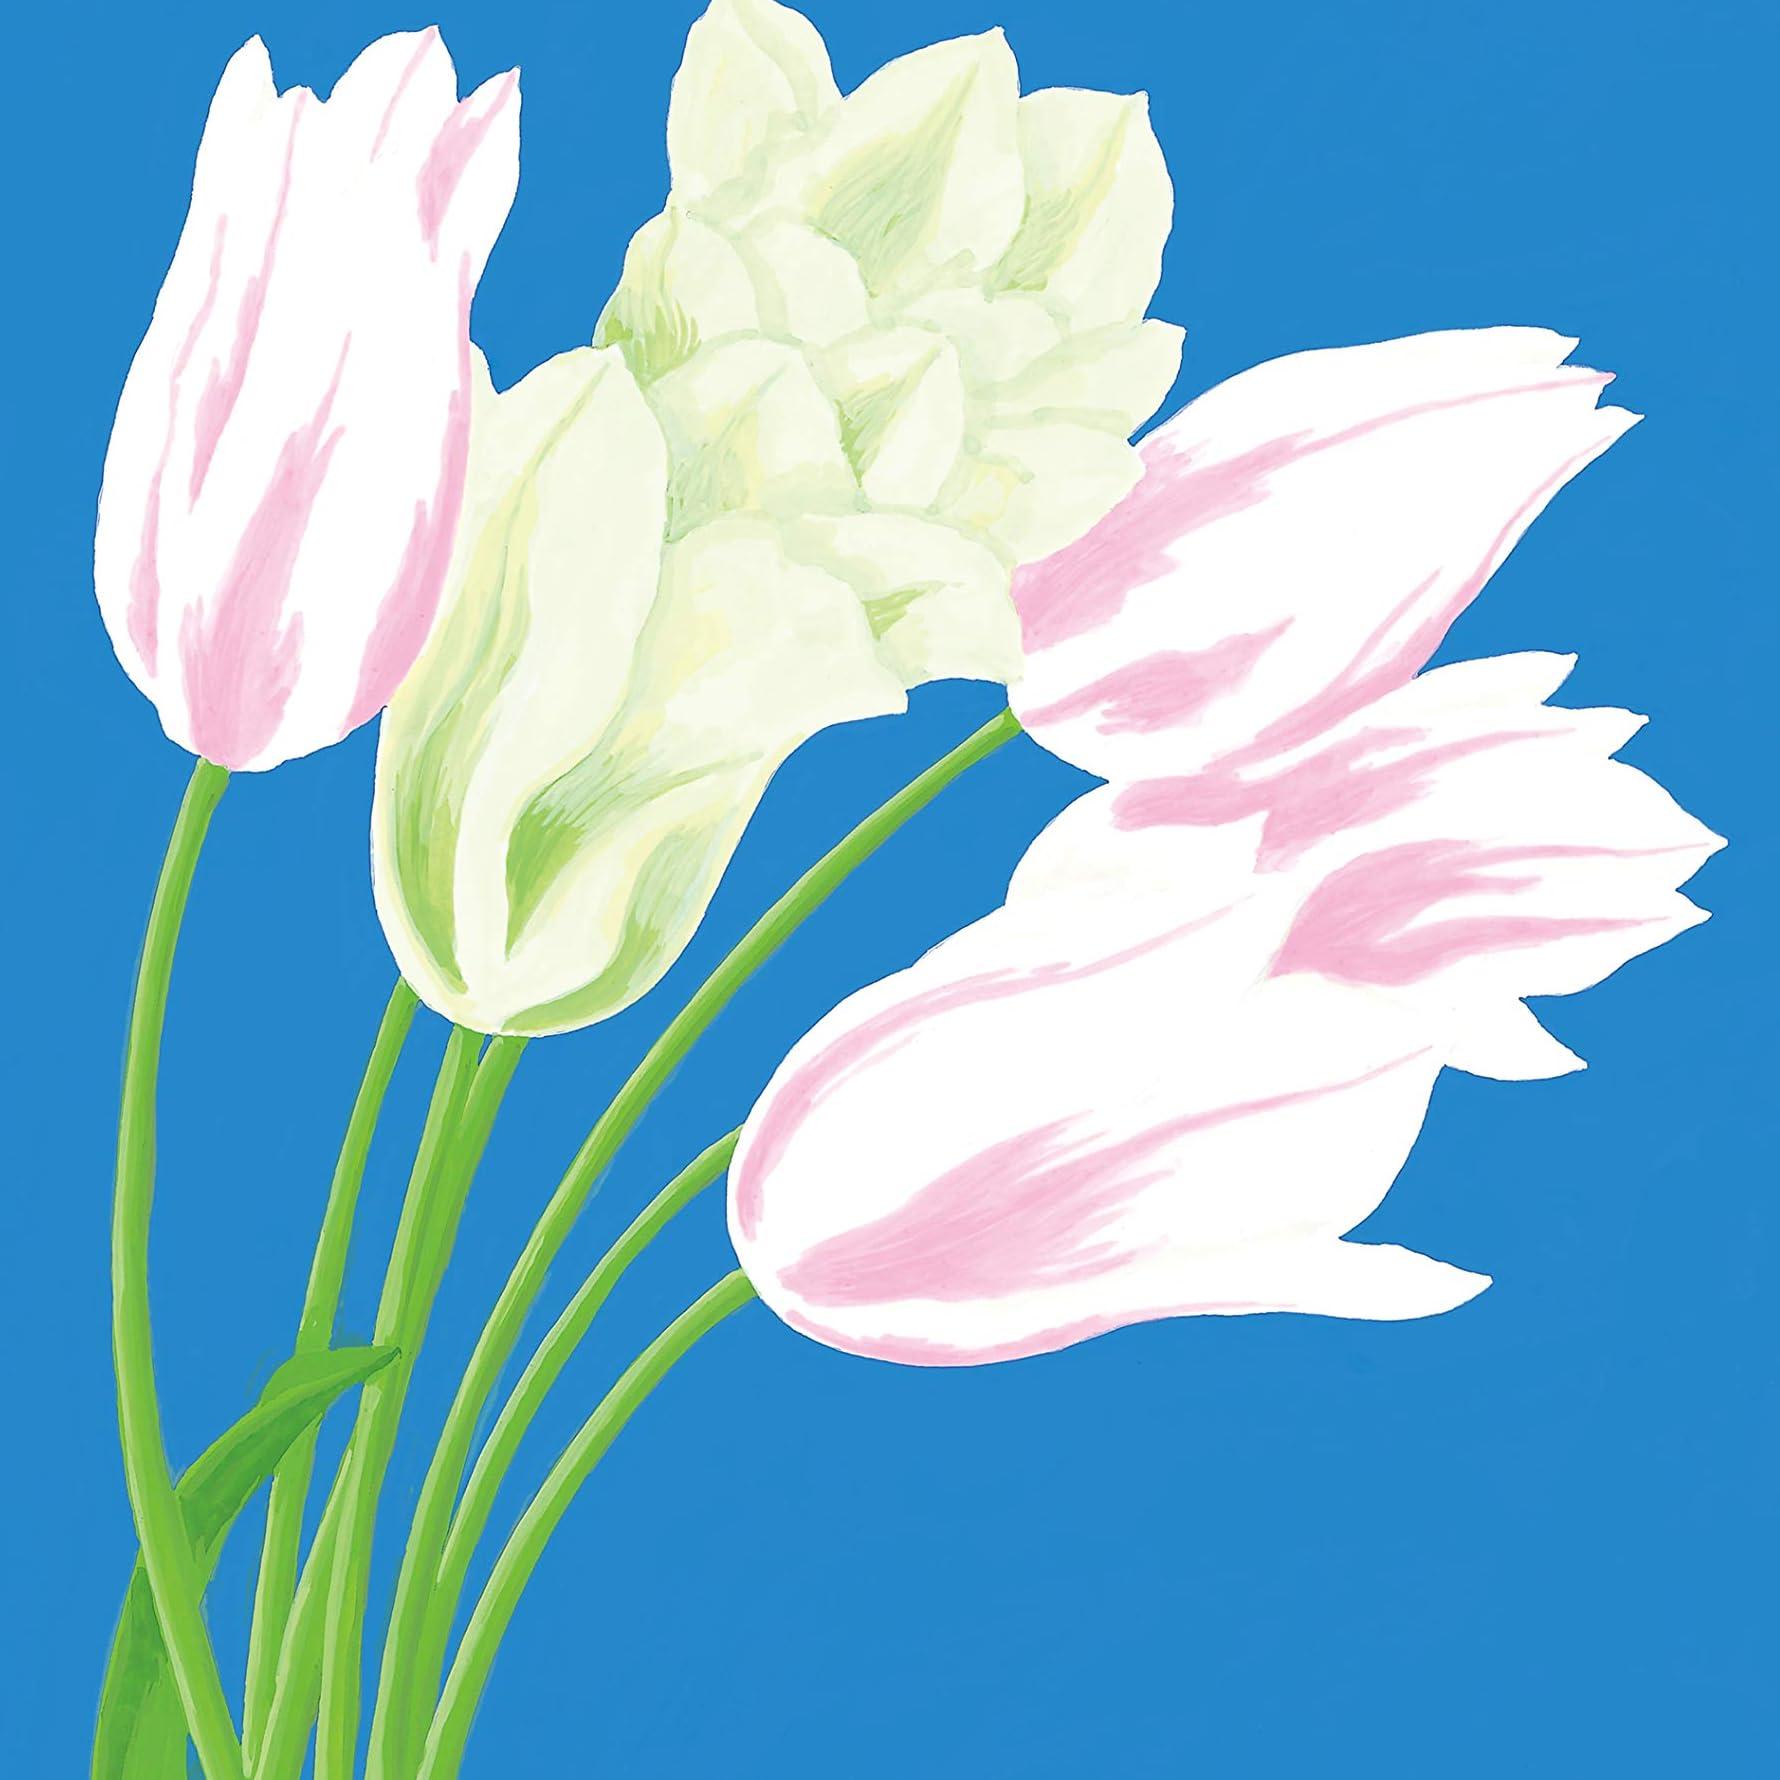 和田誠 週刊文春 2021年4月8日号 iPad壁紙画像